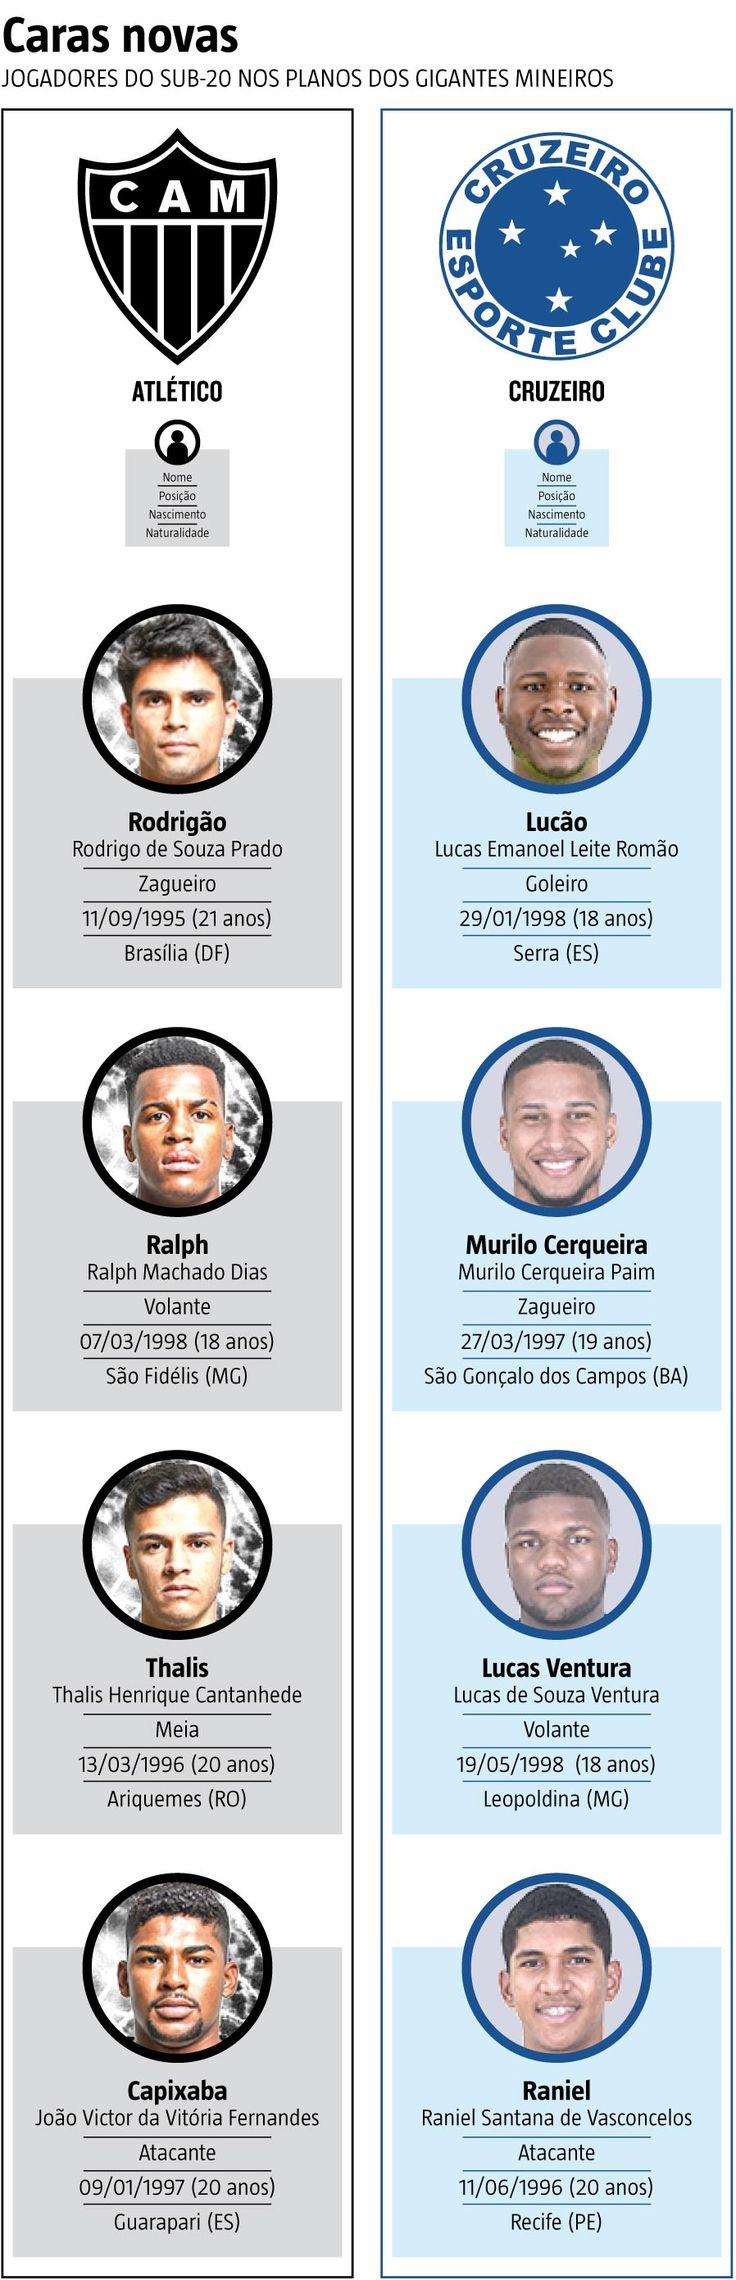 O sonho de todo atleta que atua nas categorias de #base de grandes clubes é chegar à equipe principal, conquistar títulos e dar uma vida melhor aos familiares. Para isso, a garotada treina, se prepara ao longo dos anos para atuar bem nos campeonatos e, quem sabe, alcançar a promoção para atuar ao lado de ídolos (18/01/2017) #Futebol #CategoriaDeBase #Atlético #AtléticoMineiro #Galo #Cruzeiro #Revelação #Revelações #Copinha #FlóridaCup #CopaSP #CopaSãoPaulo #Juniores #Juniors #HojeEmDia